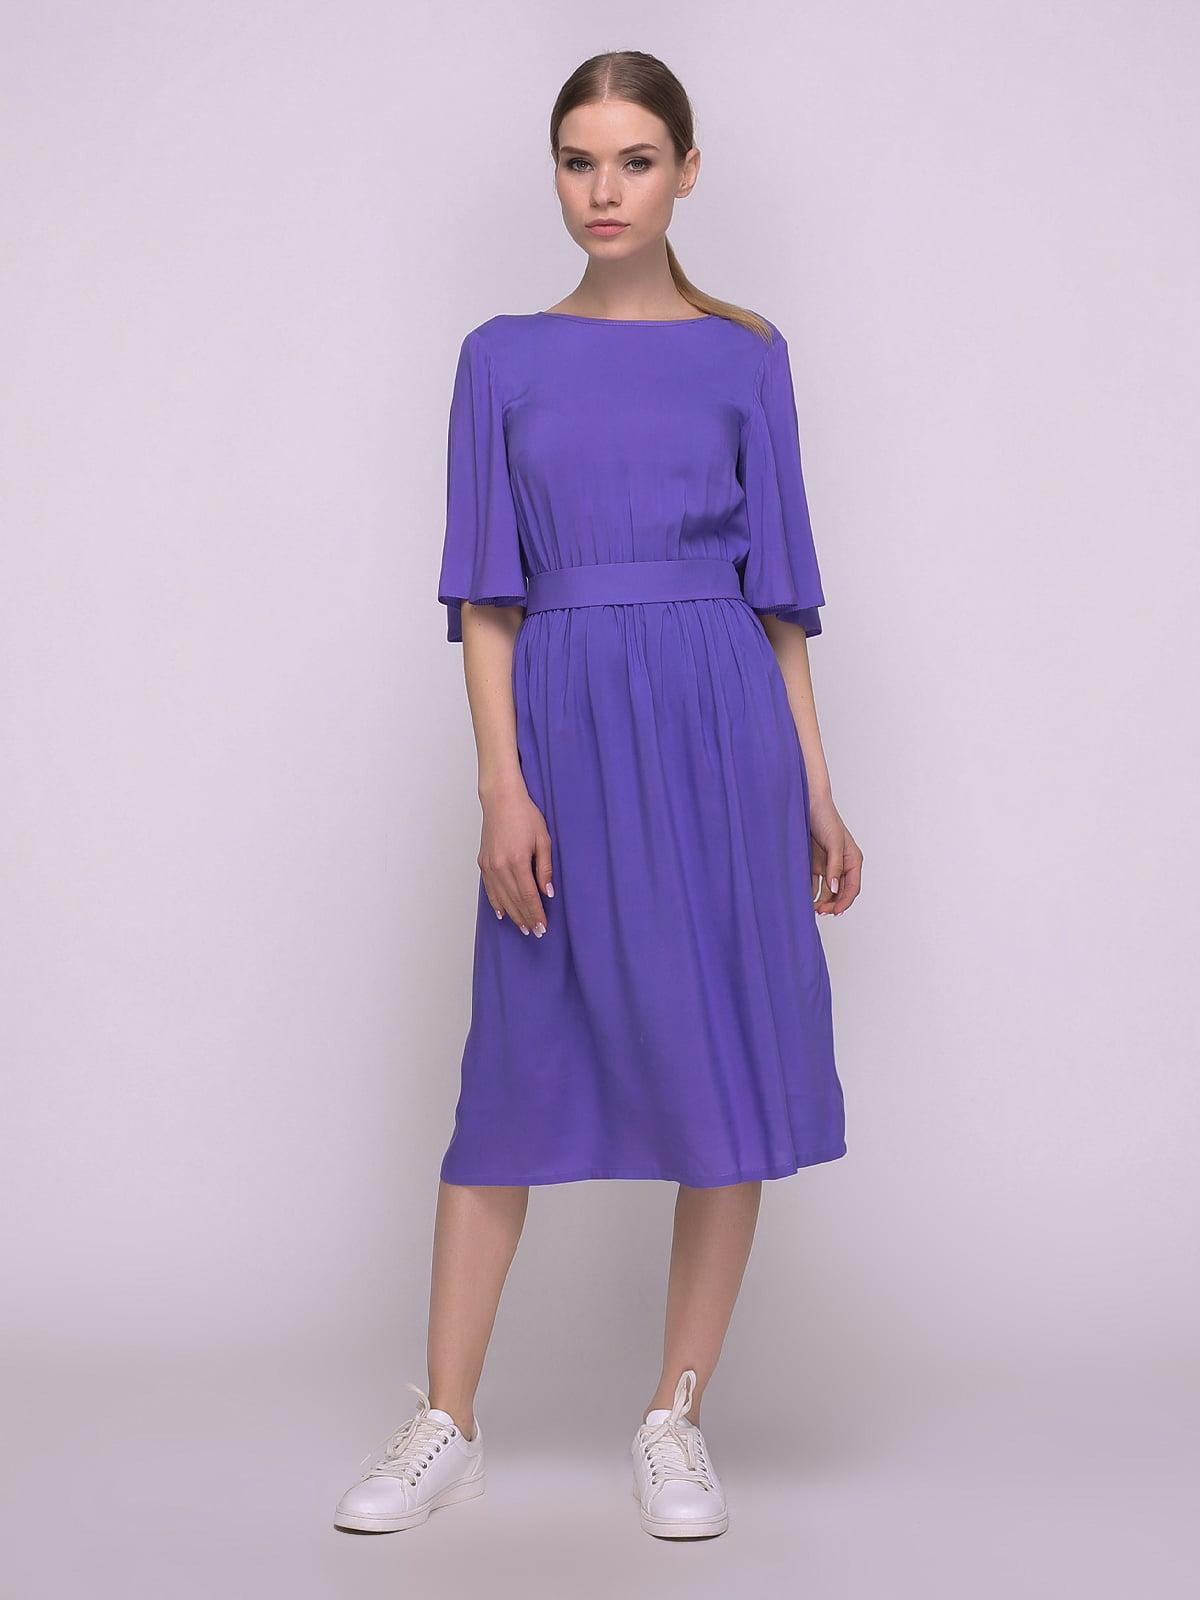 Сукня кольору ультрафіолету з вирізом на спинці | 4169323